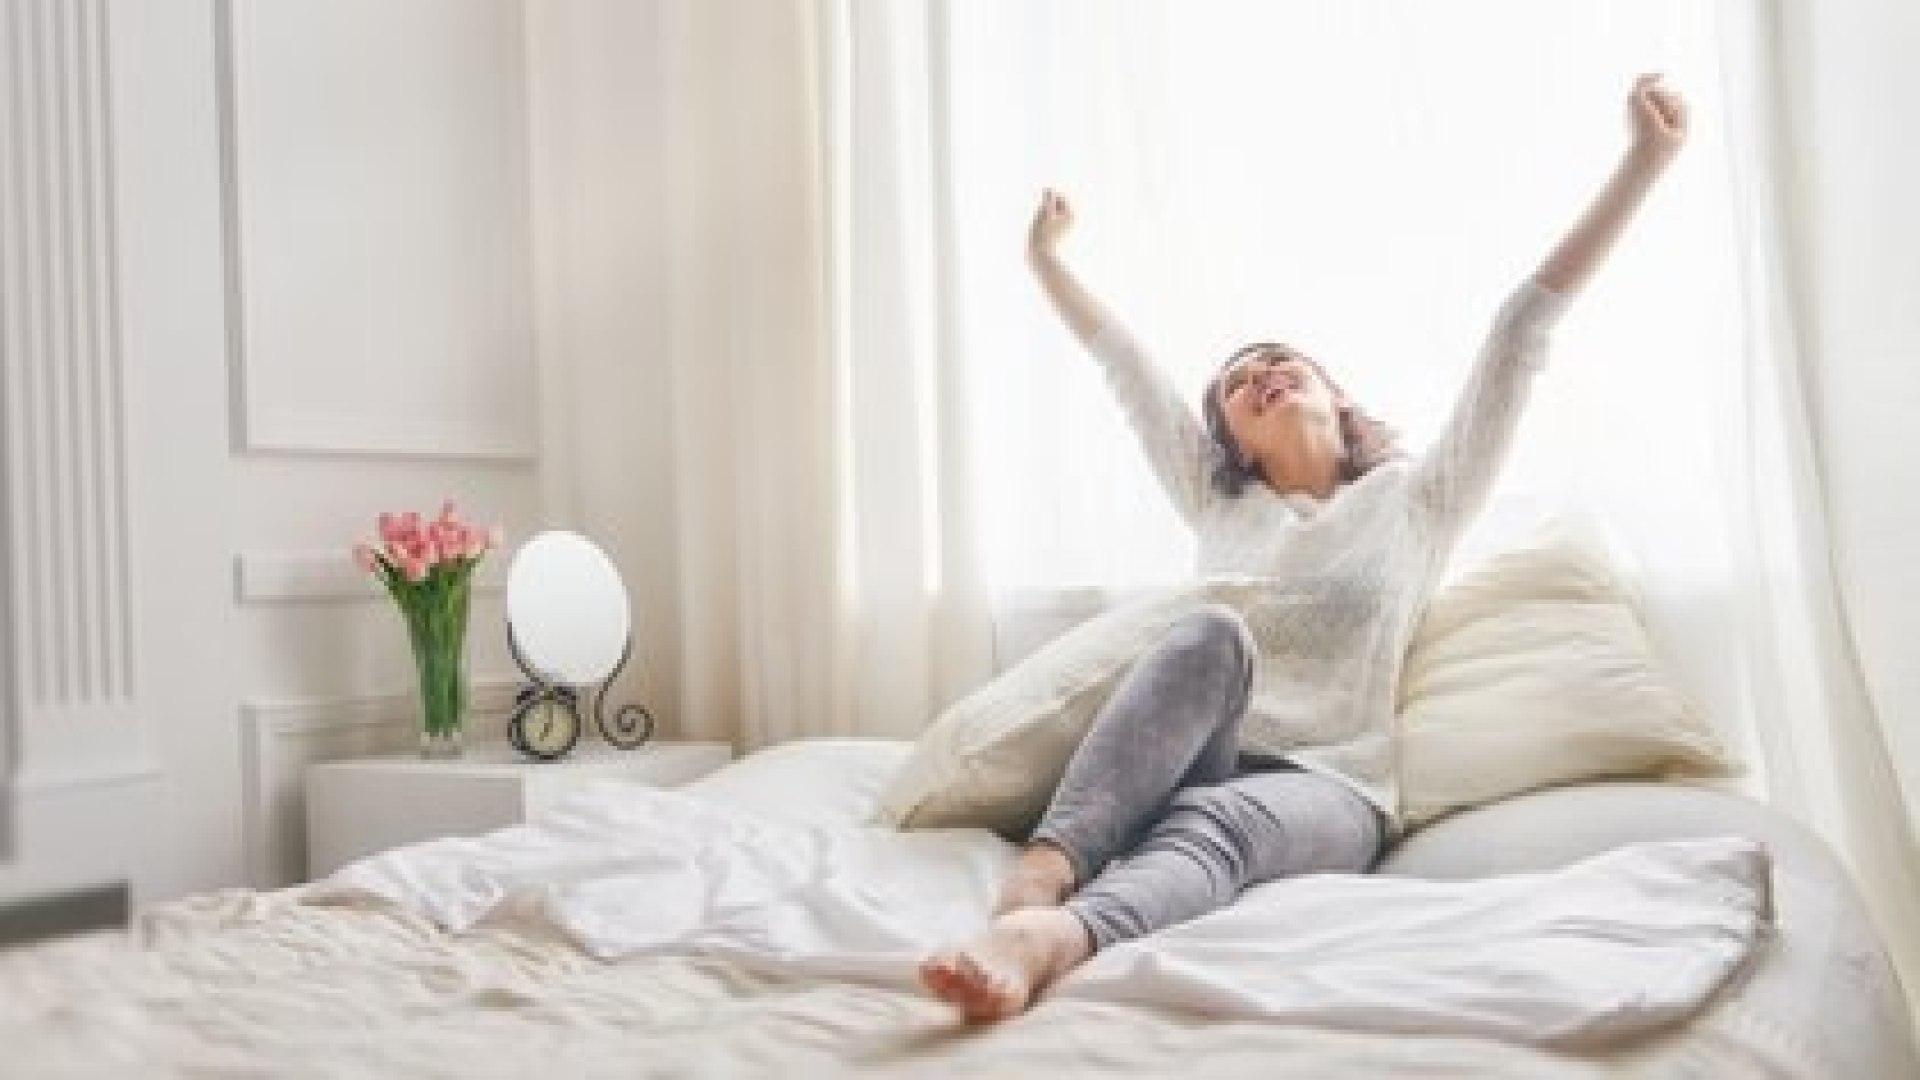 Dormir es lo hace regenerar apropiadamente el cuerpo y la mente